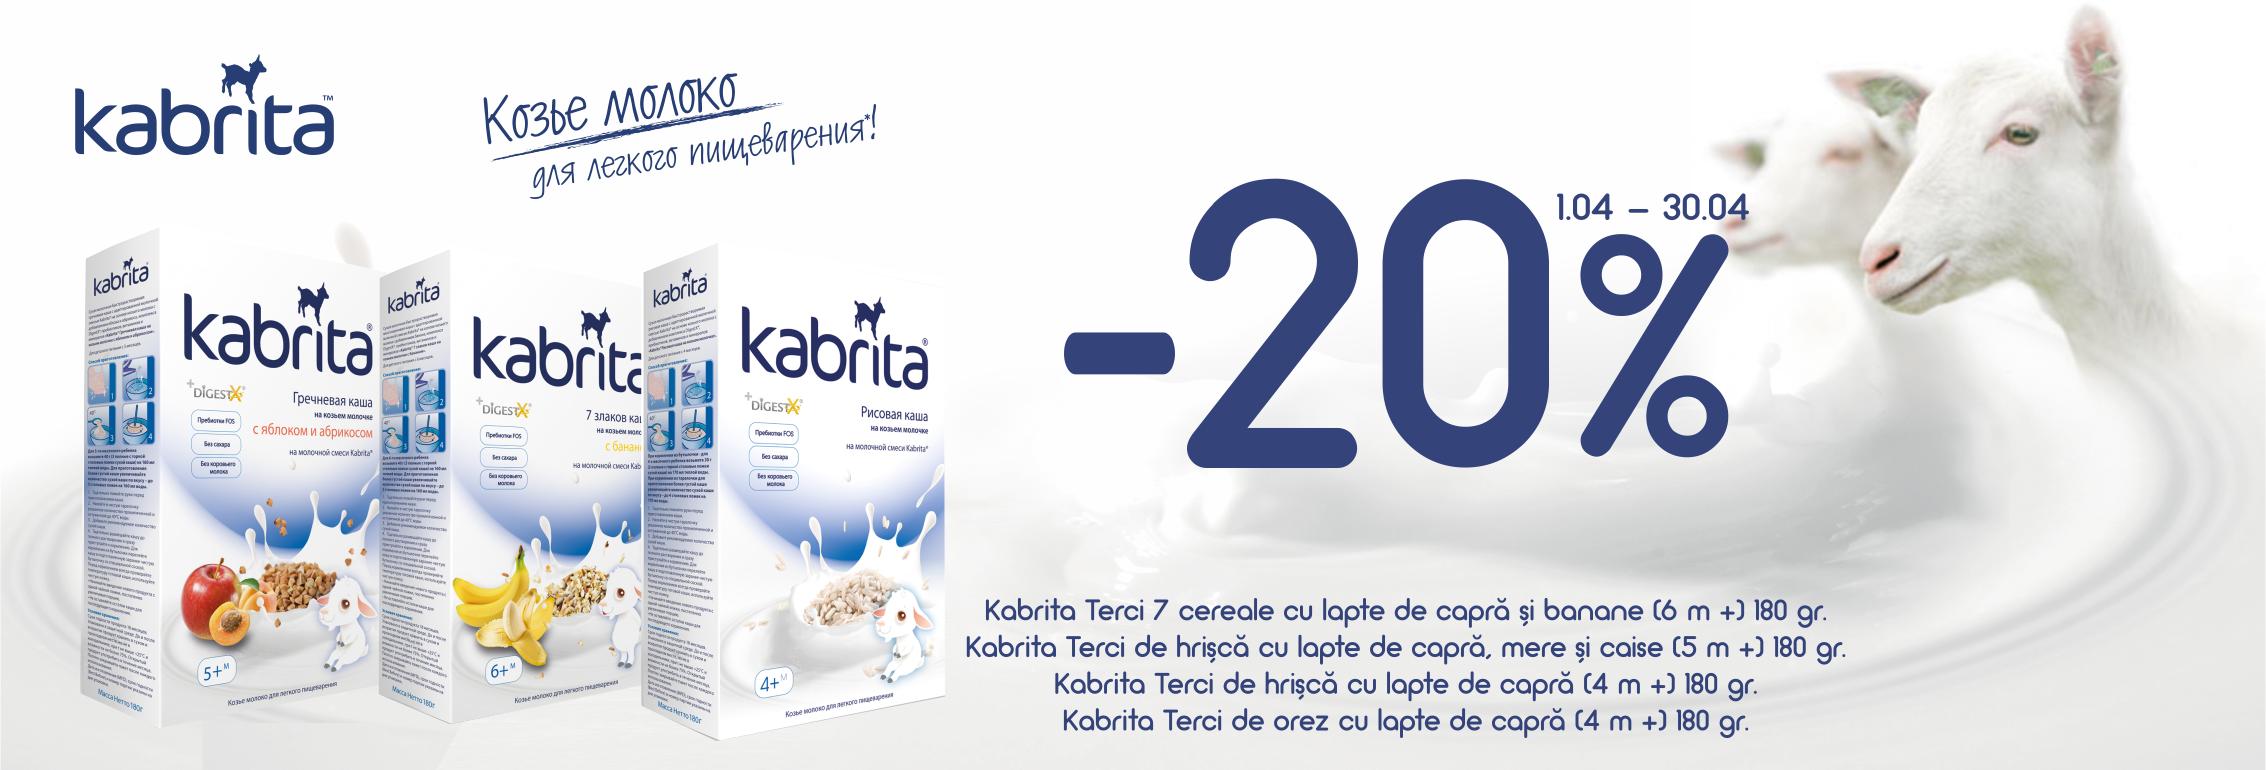 kabrita-20-do-3004